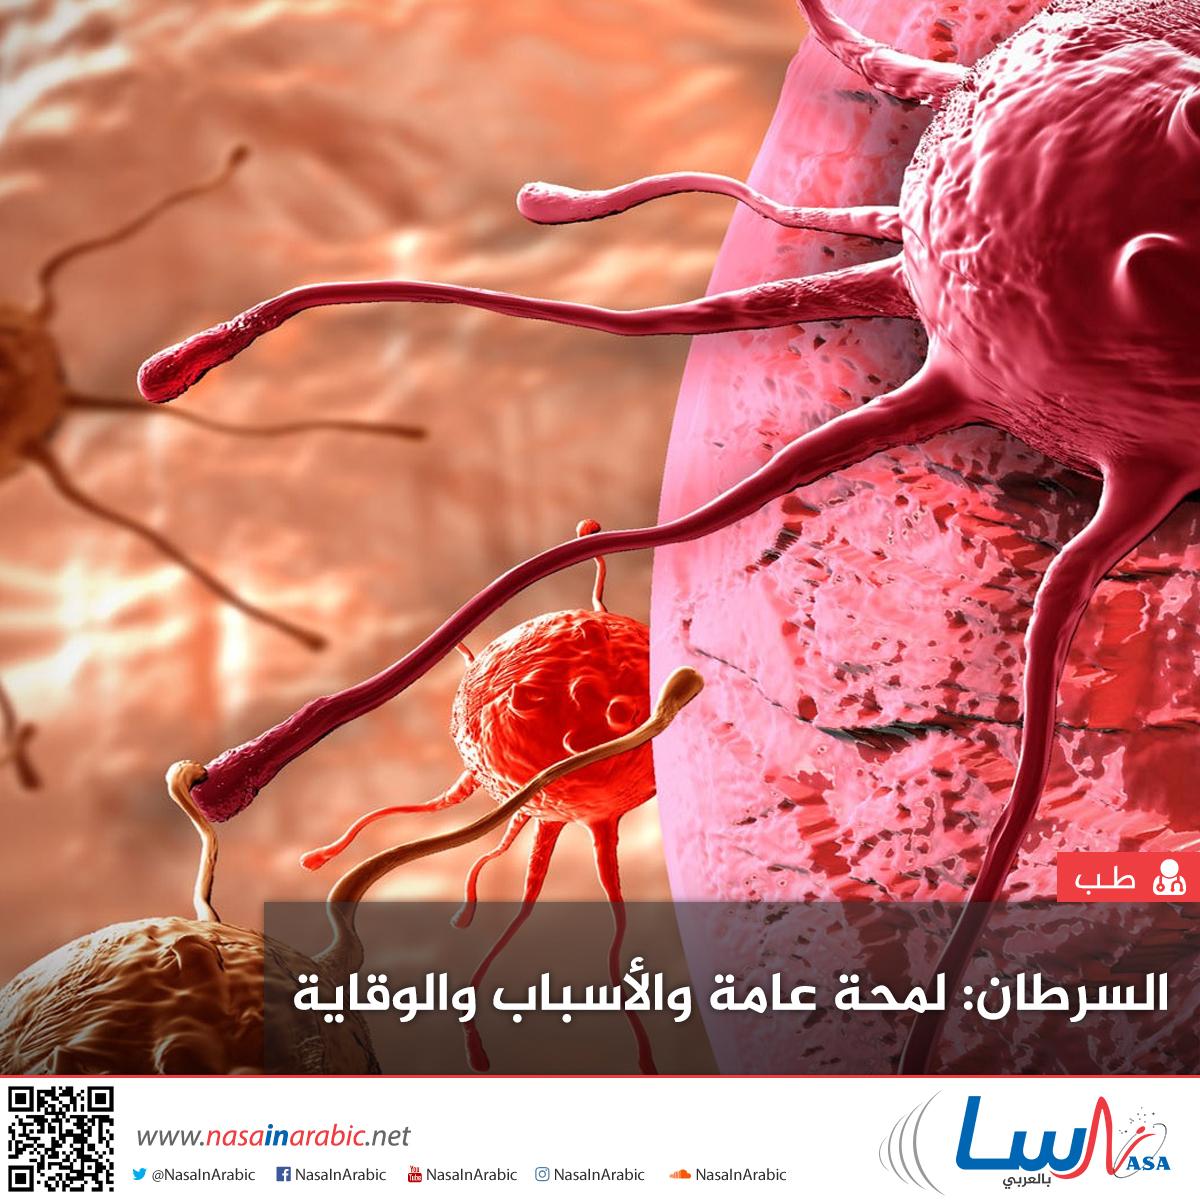 السرطان: لمحة عامة والأسباب والوقاية